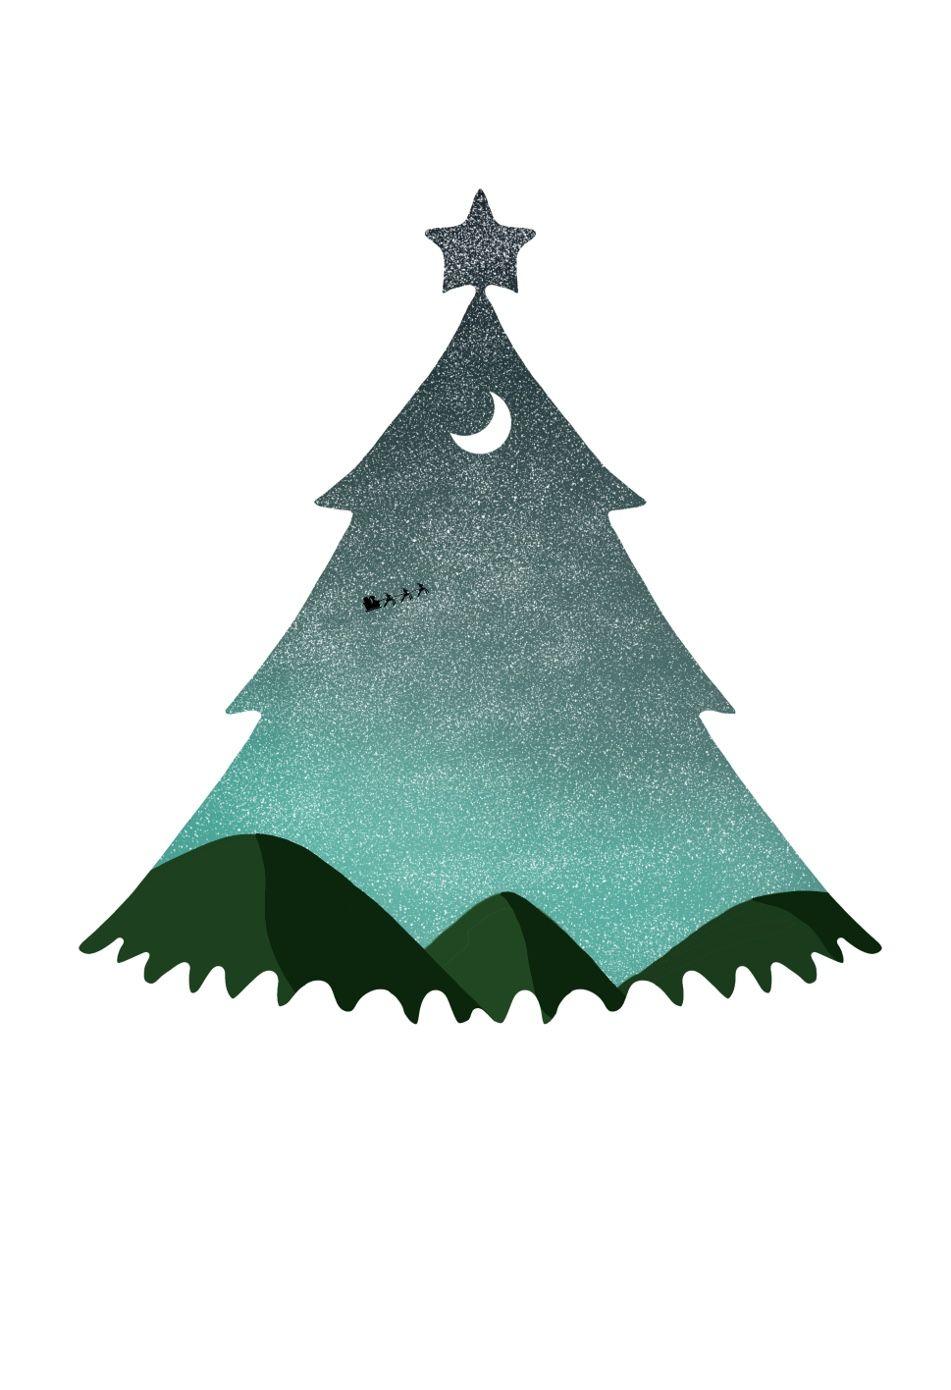 Christmas Tree Drawing Tree Drawing Christmas Tree Drawing Drawings